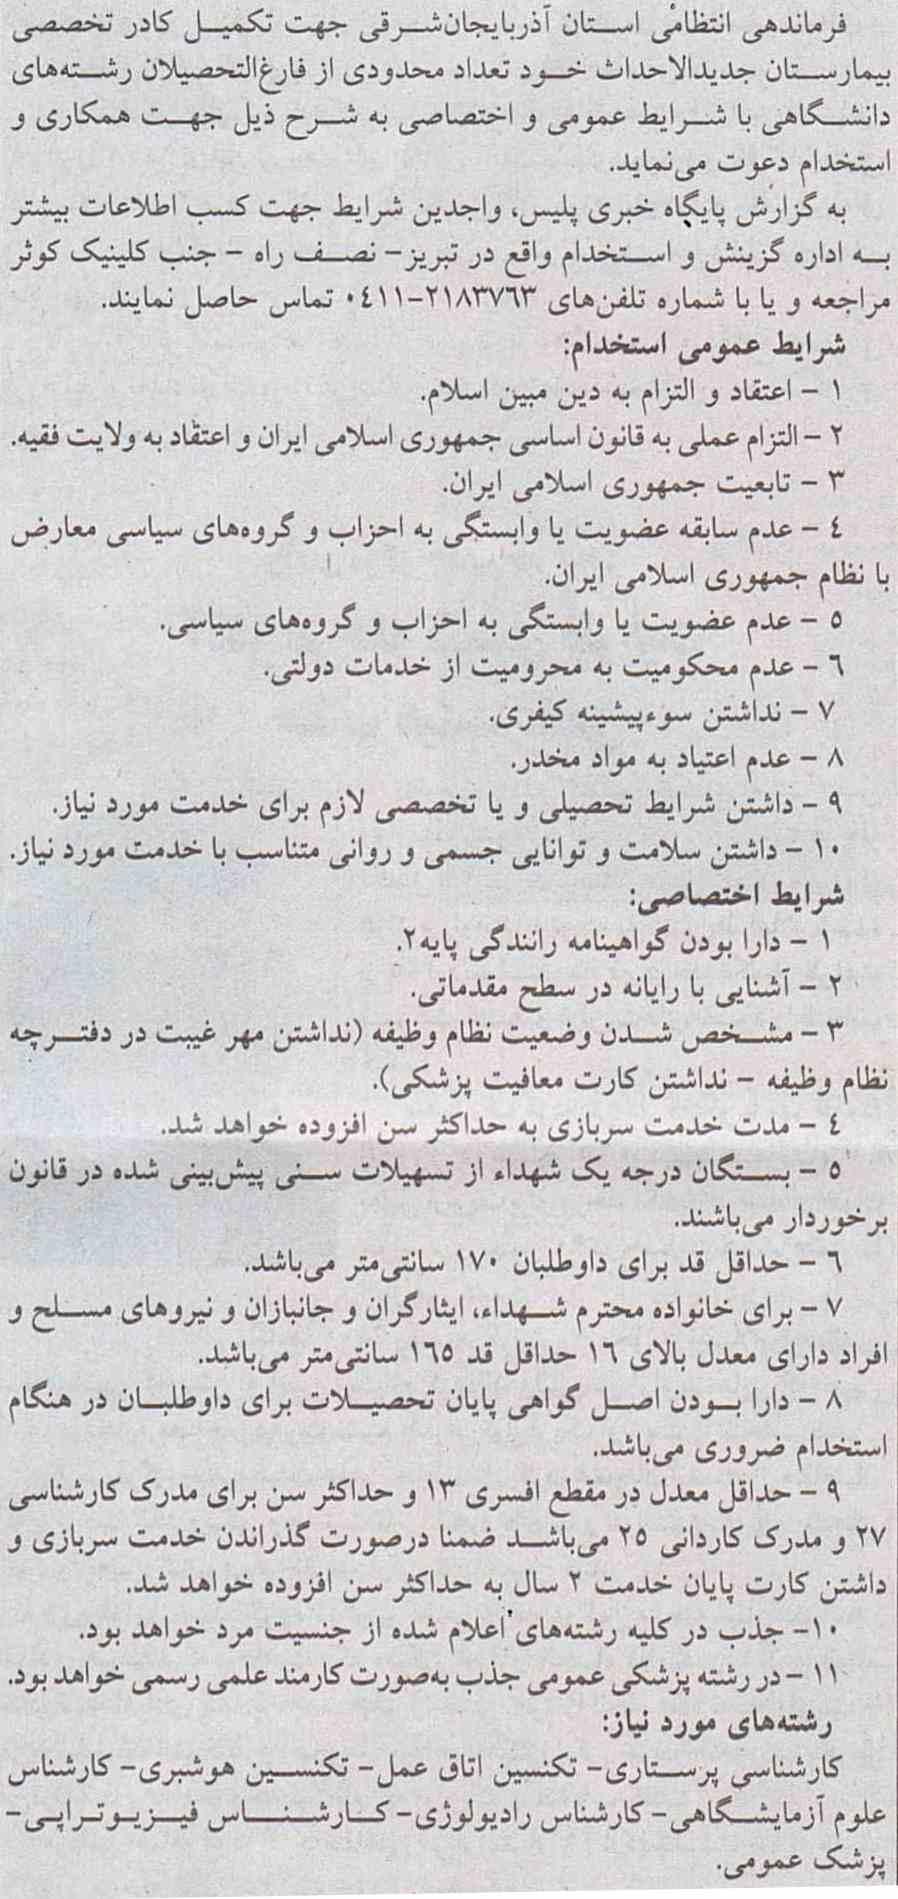 استخدام فرماندهی انتظامی آذربایجان شرقی